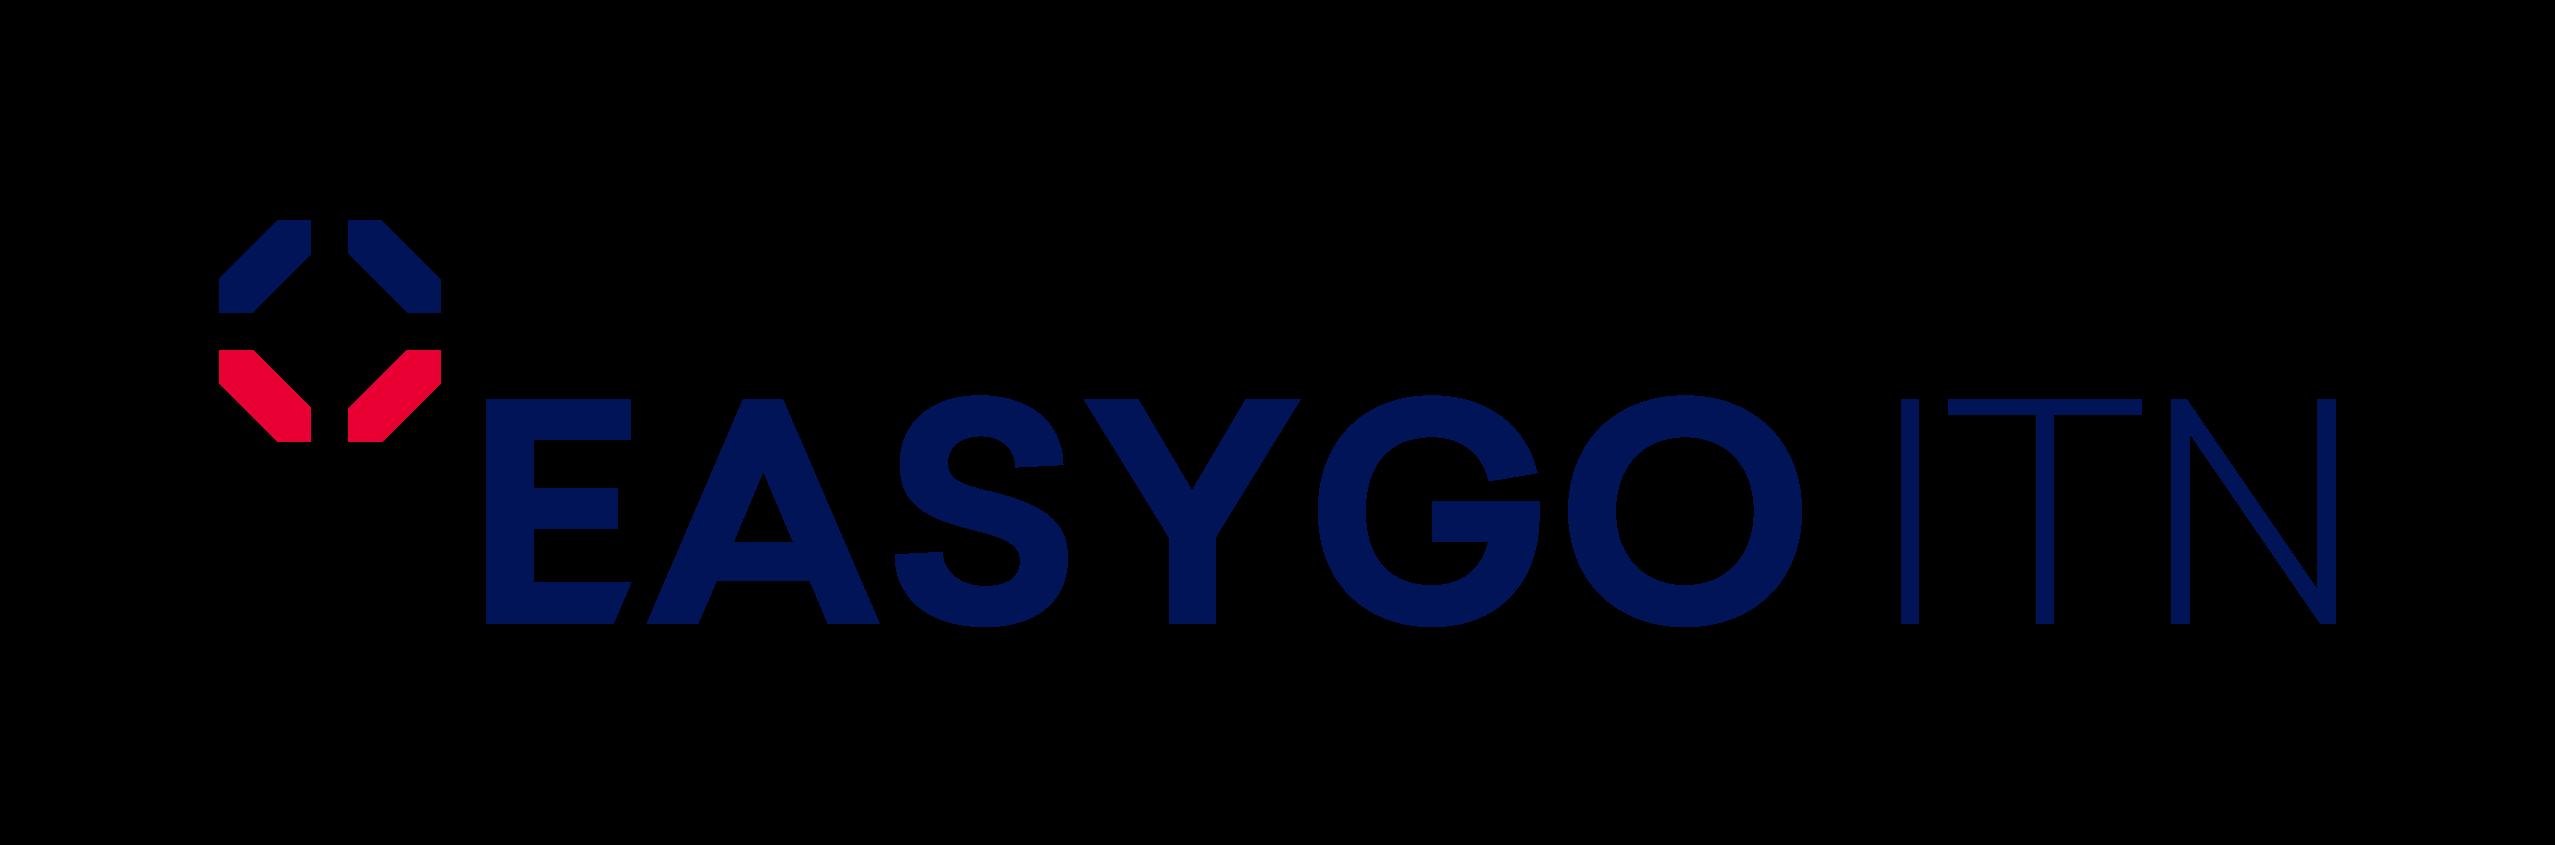 Easygo-ITN